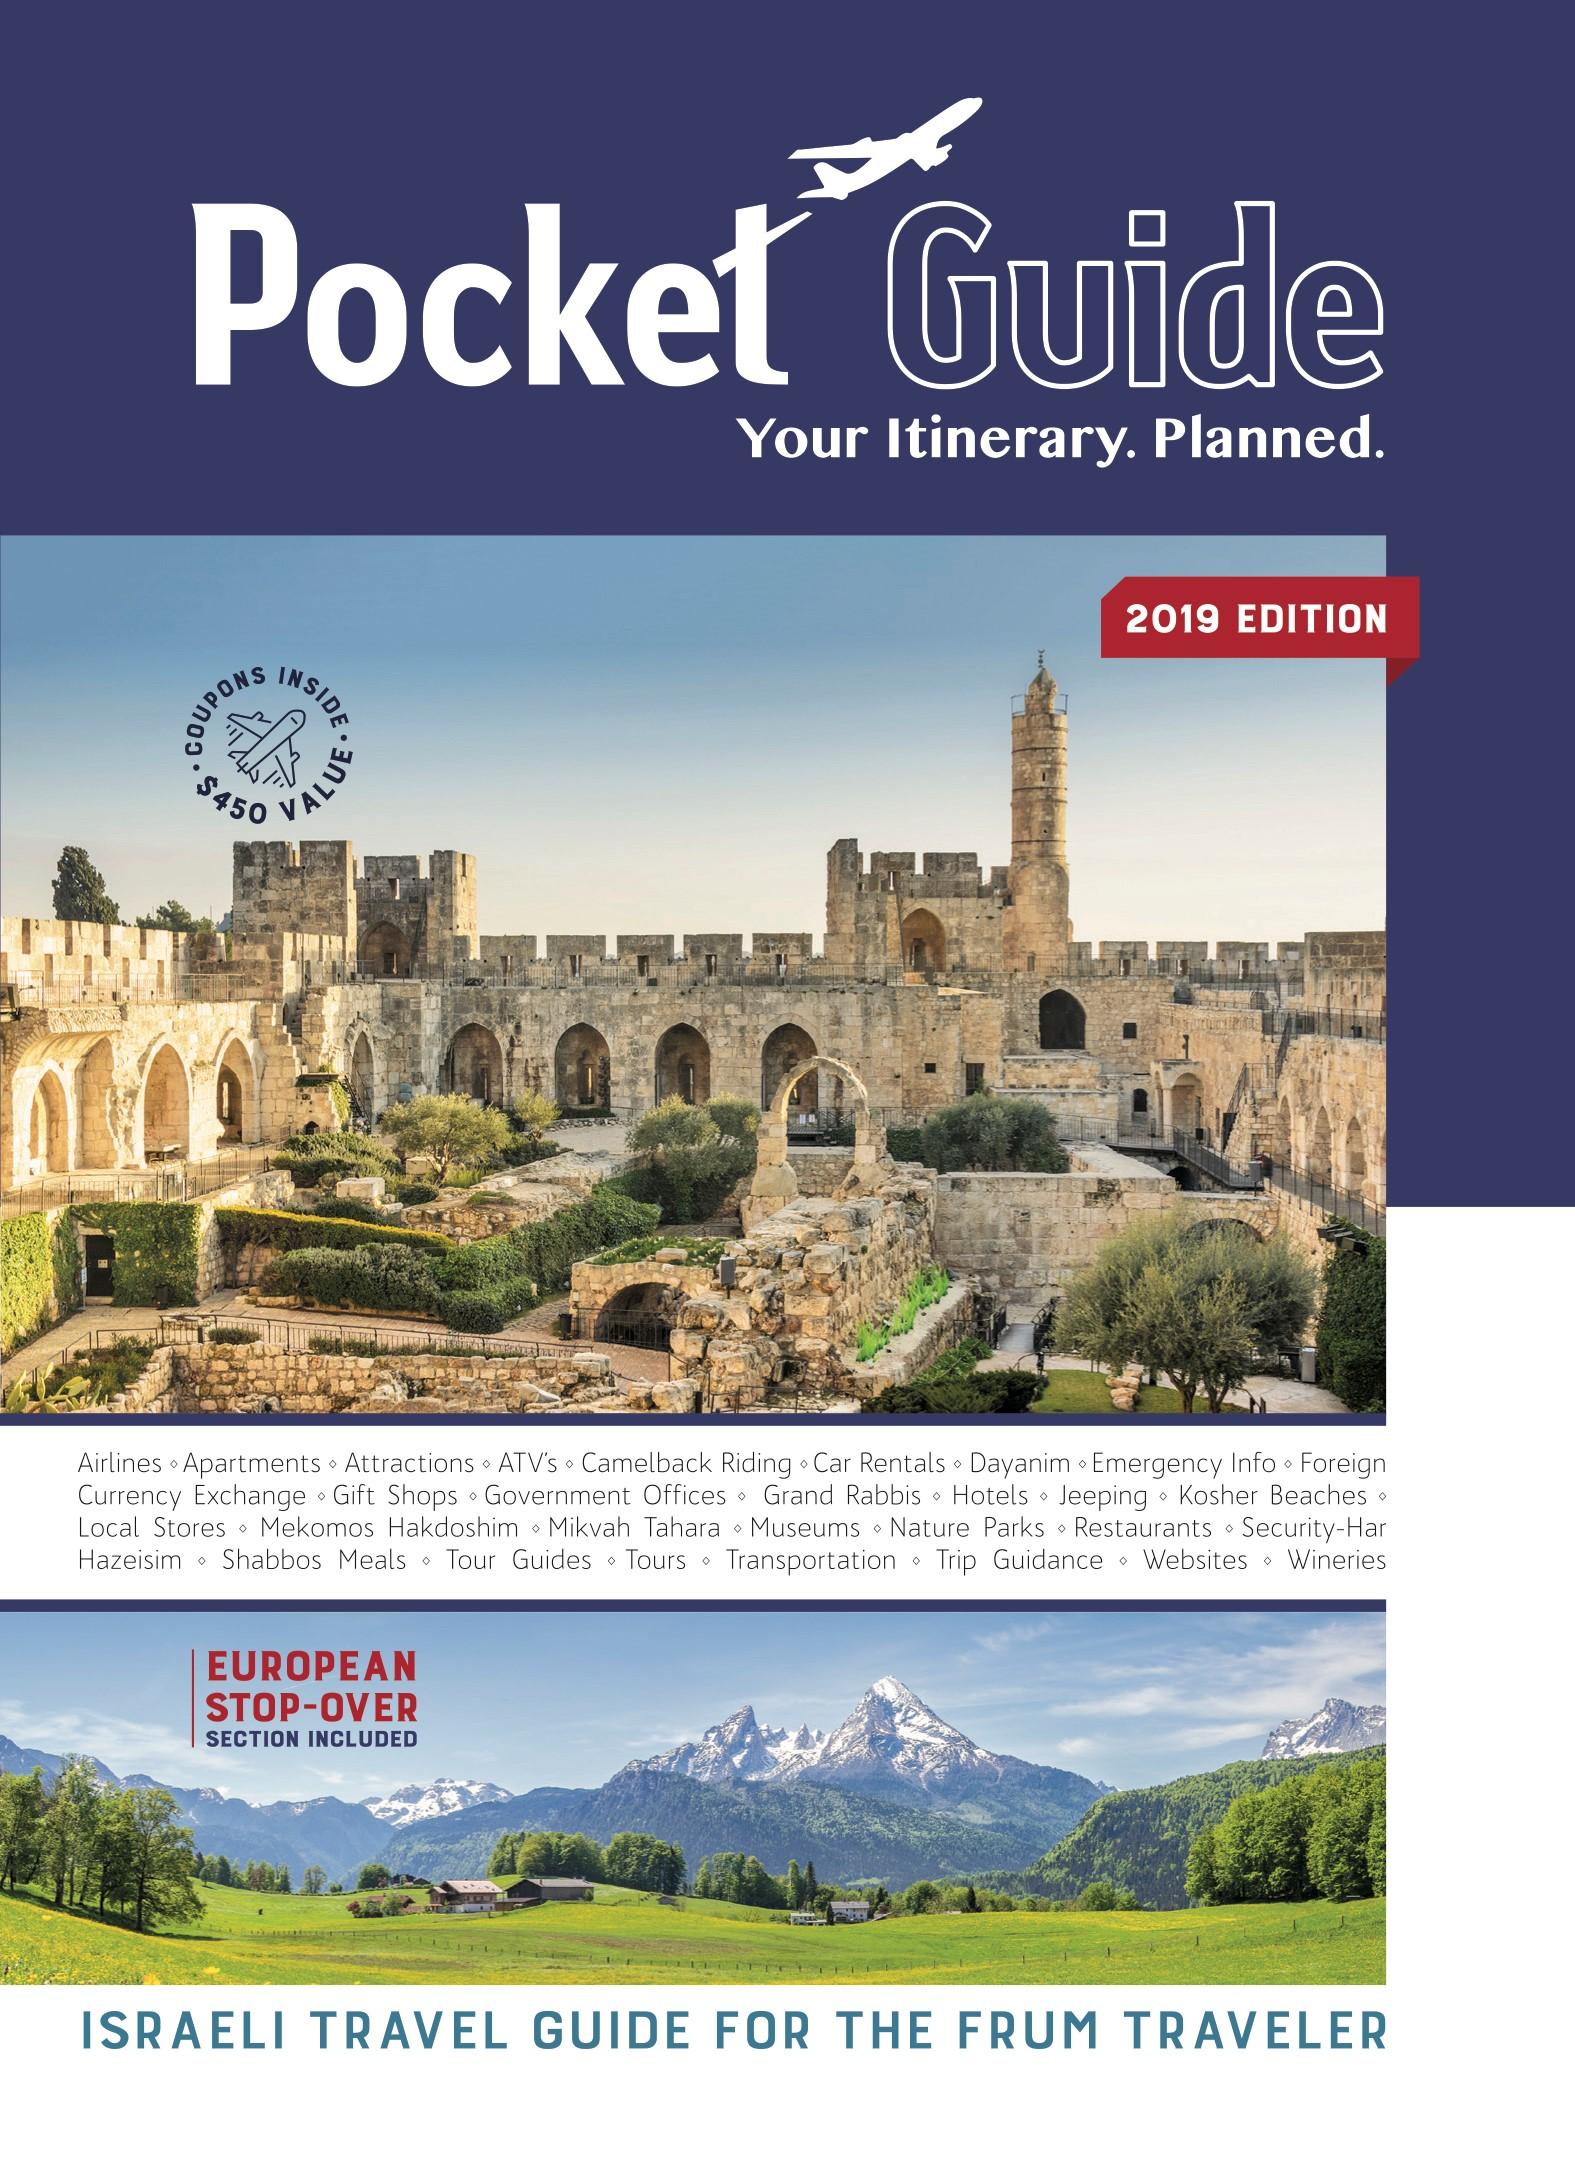 Pocket Guide 2019